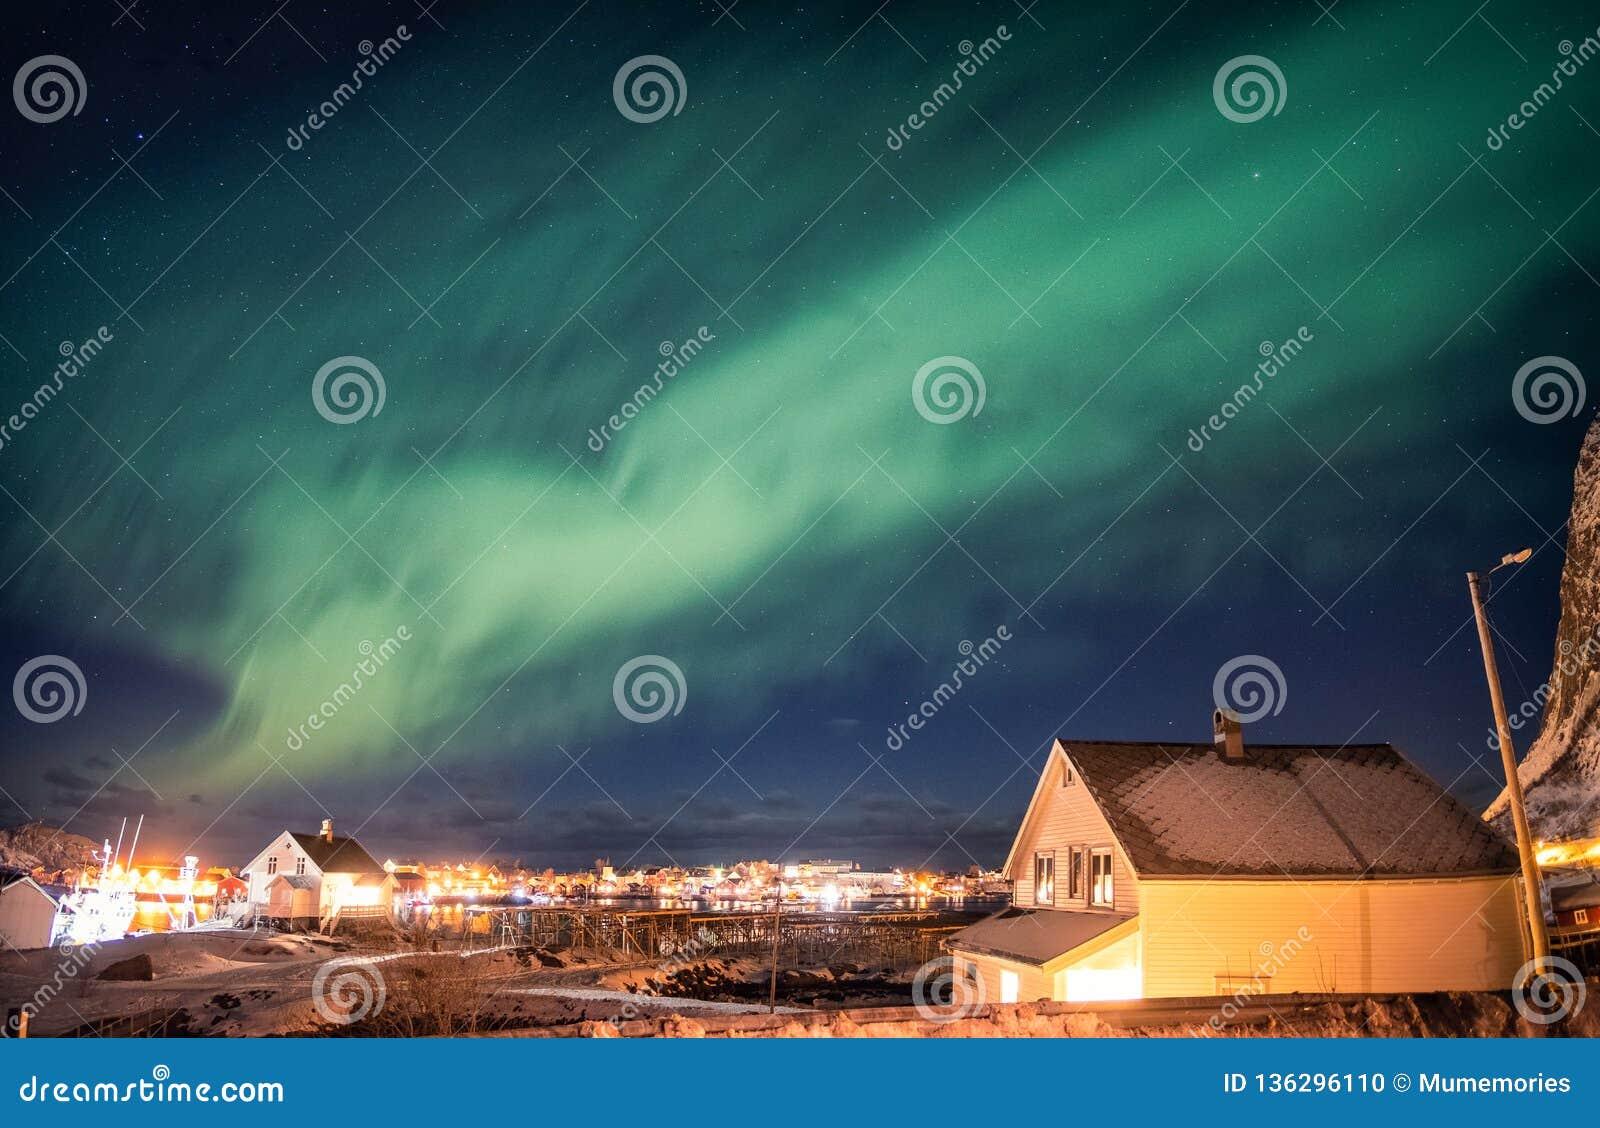 Танцы северного сияния над скандинавской деревней